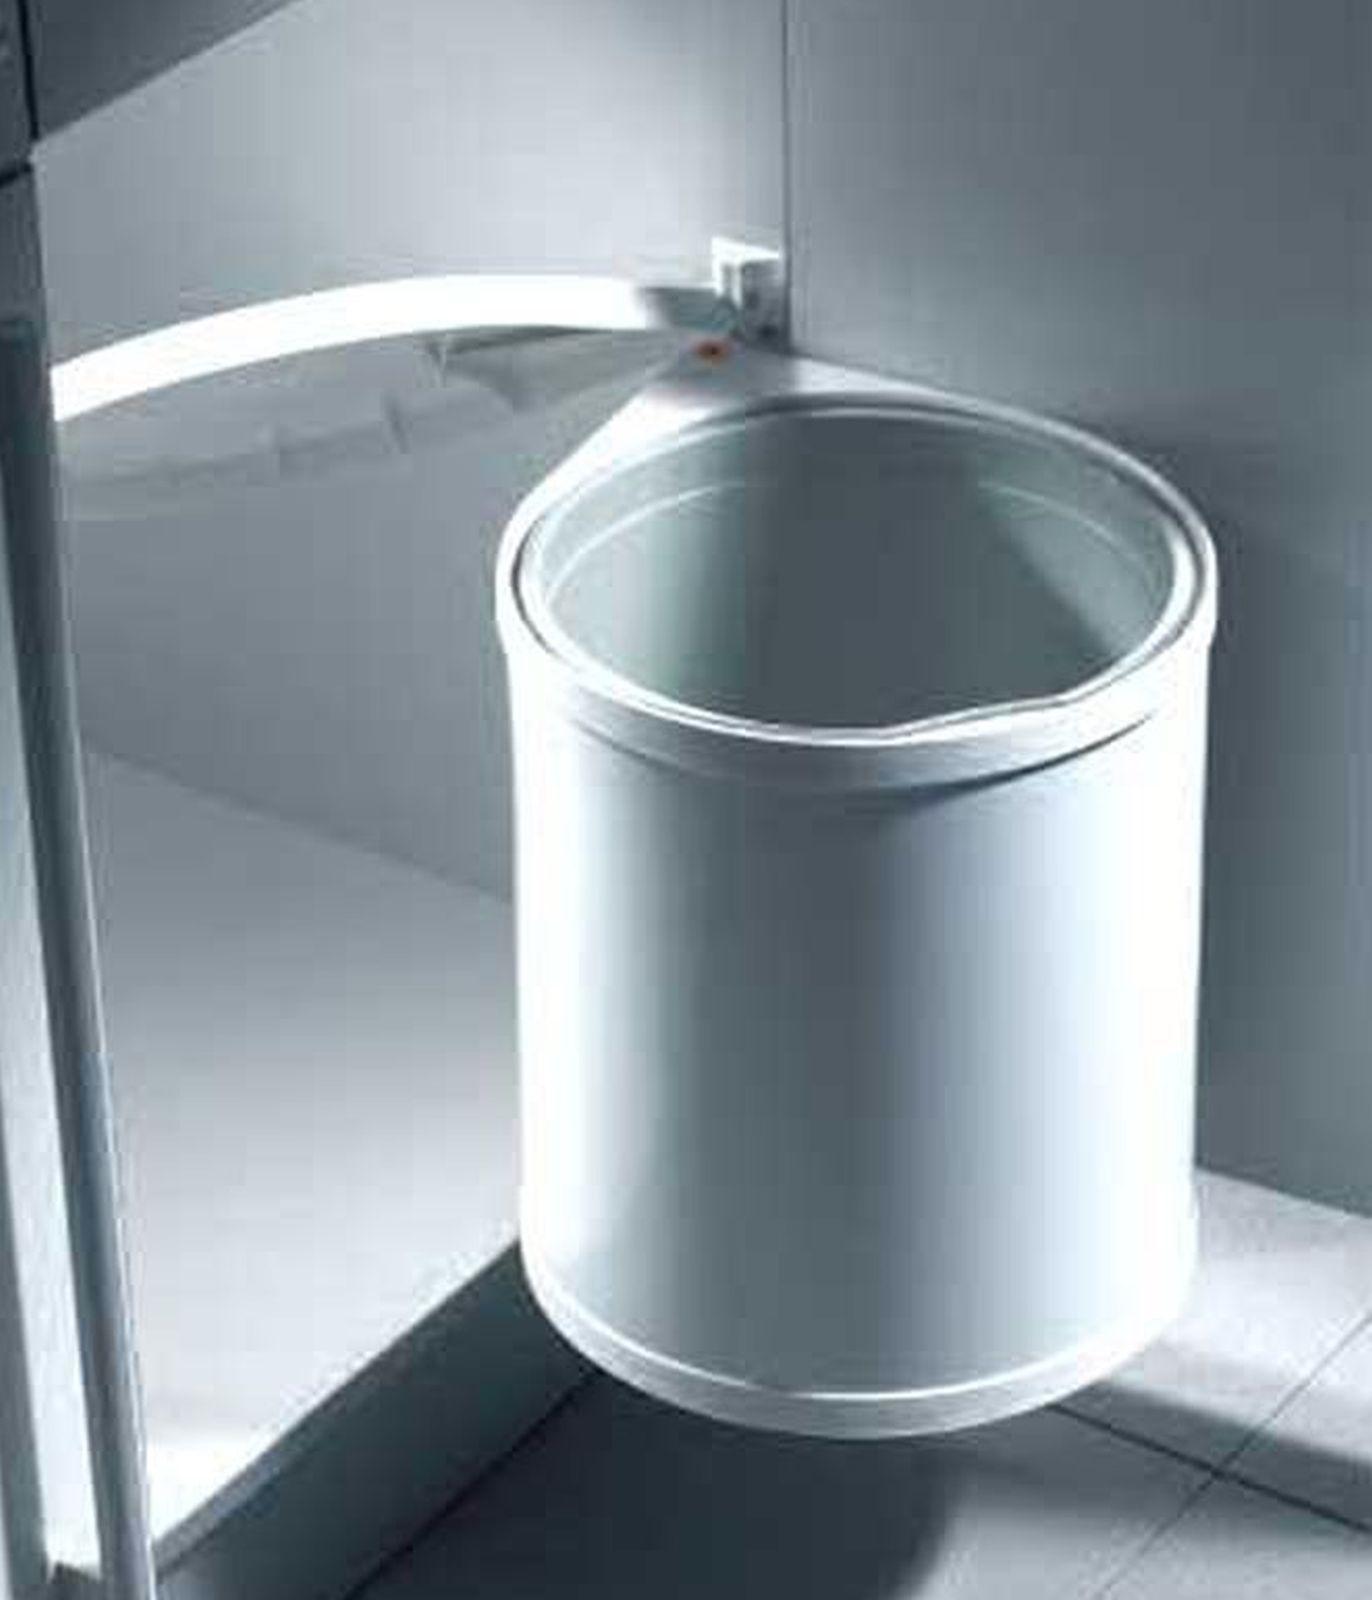 Hailo Mono Mülleimer Küche 12 Liter Abfalleimer Badezimmer ...